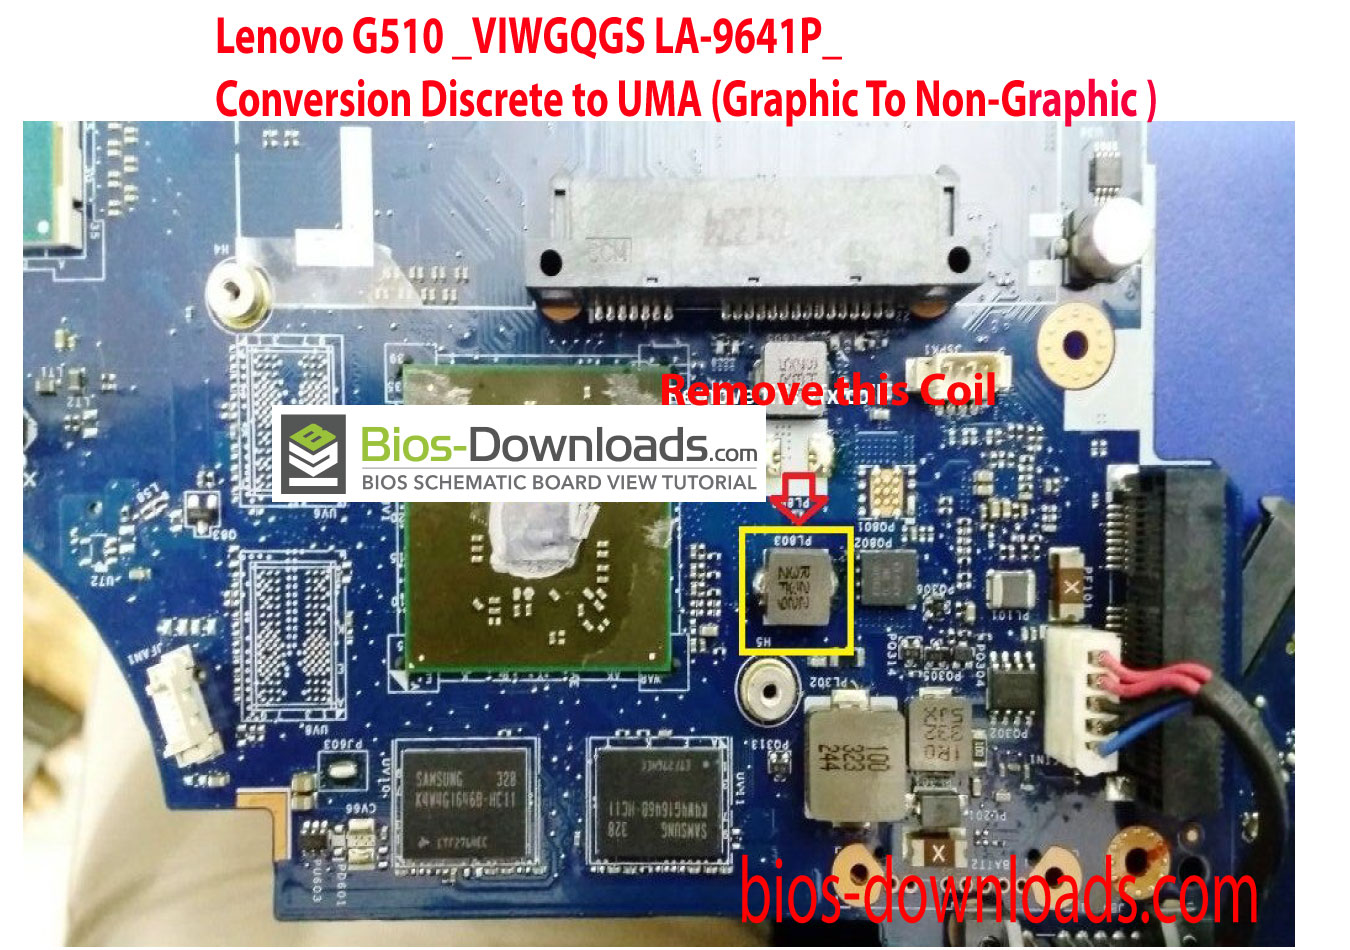 Lenovo G510 _VIWGQGS LA-9641P_ Conversion Discret to UMA (DIS TO UMA